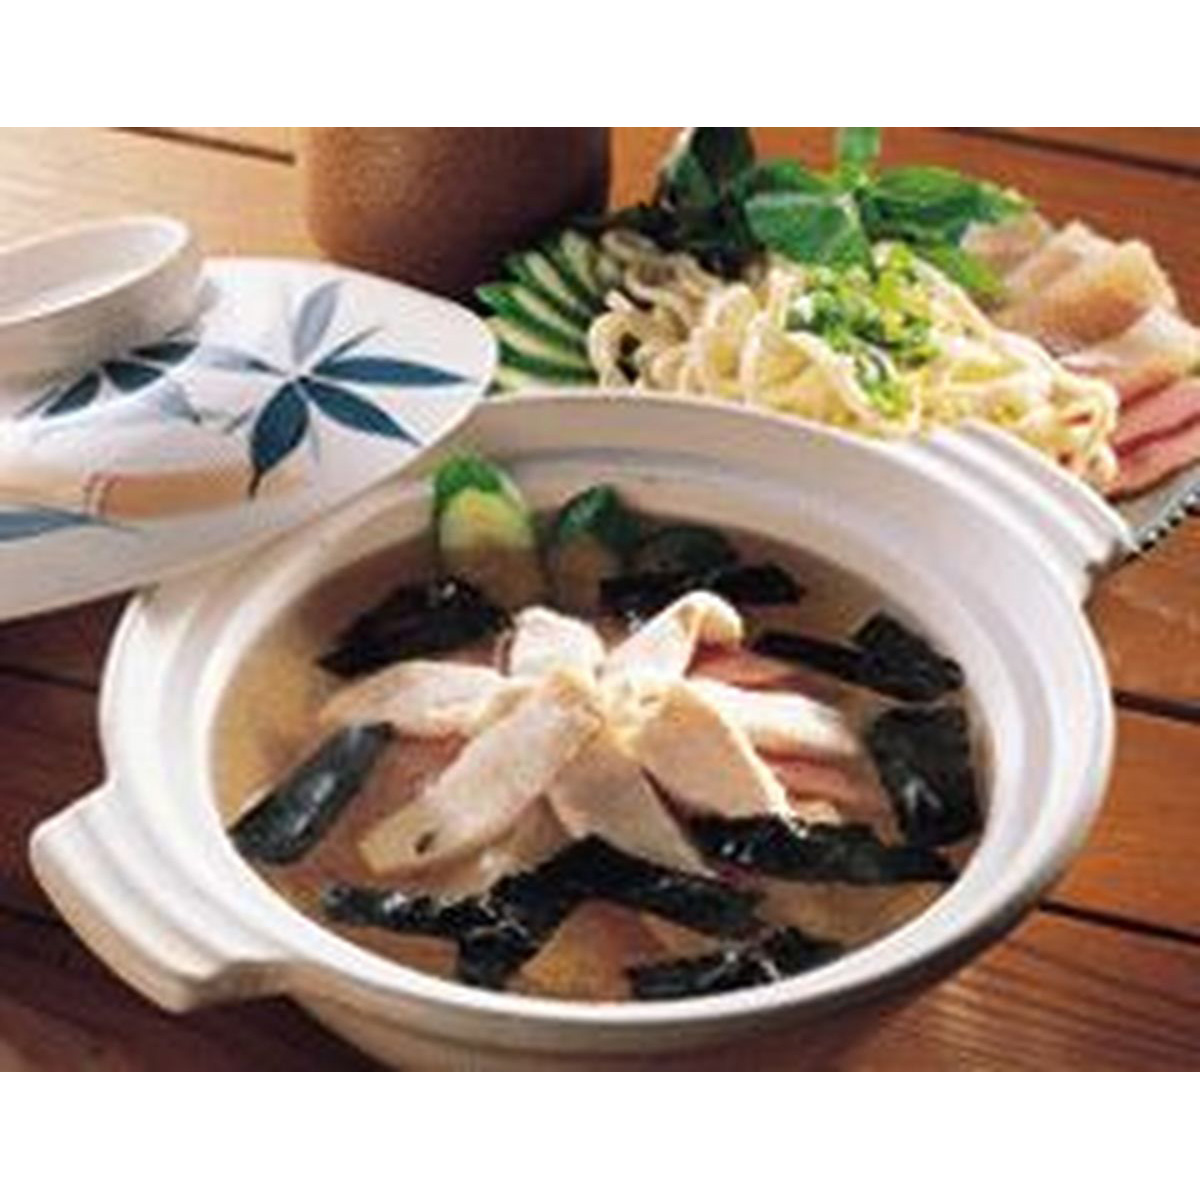 食譜:海苔魚片火鍋